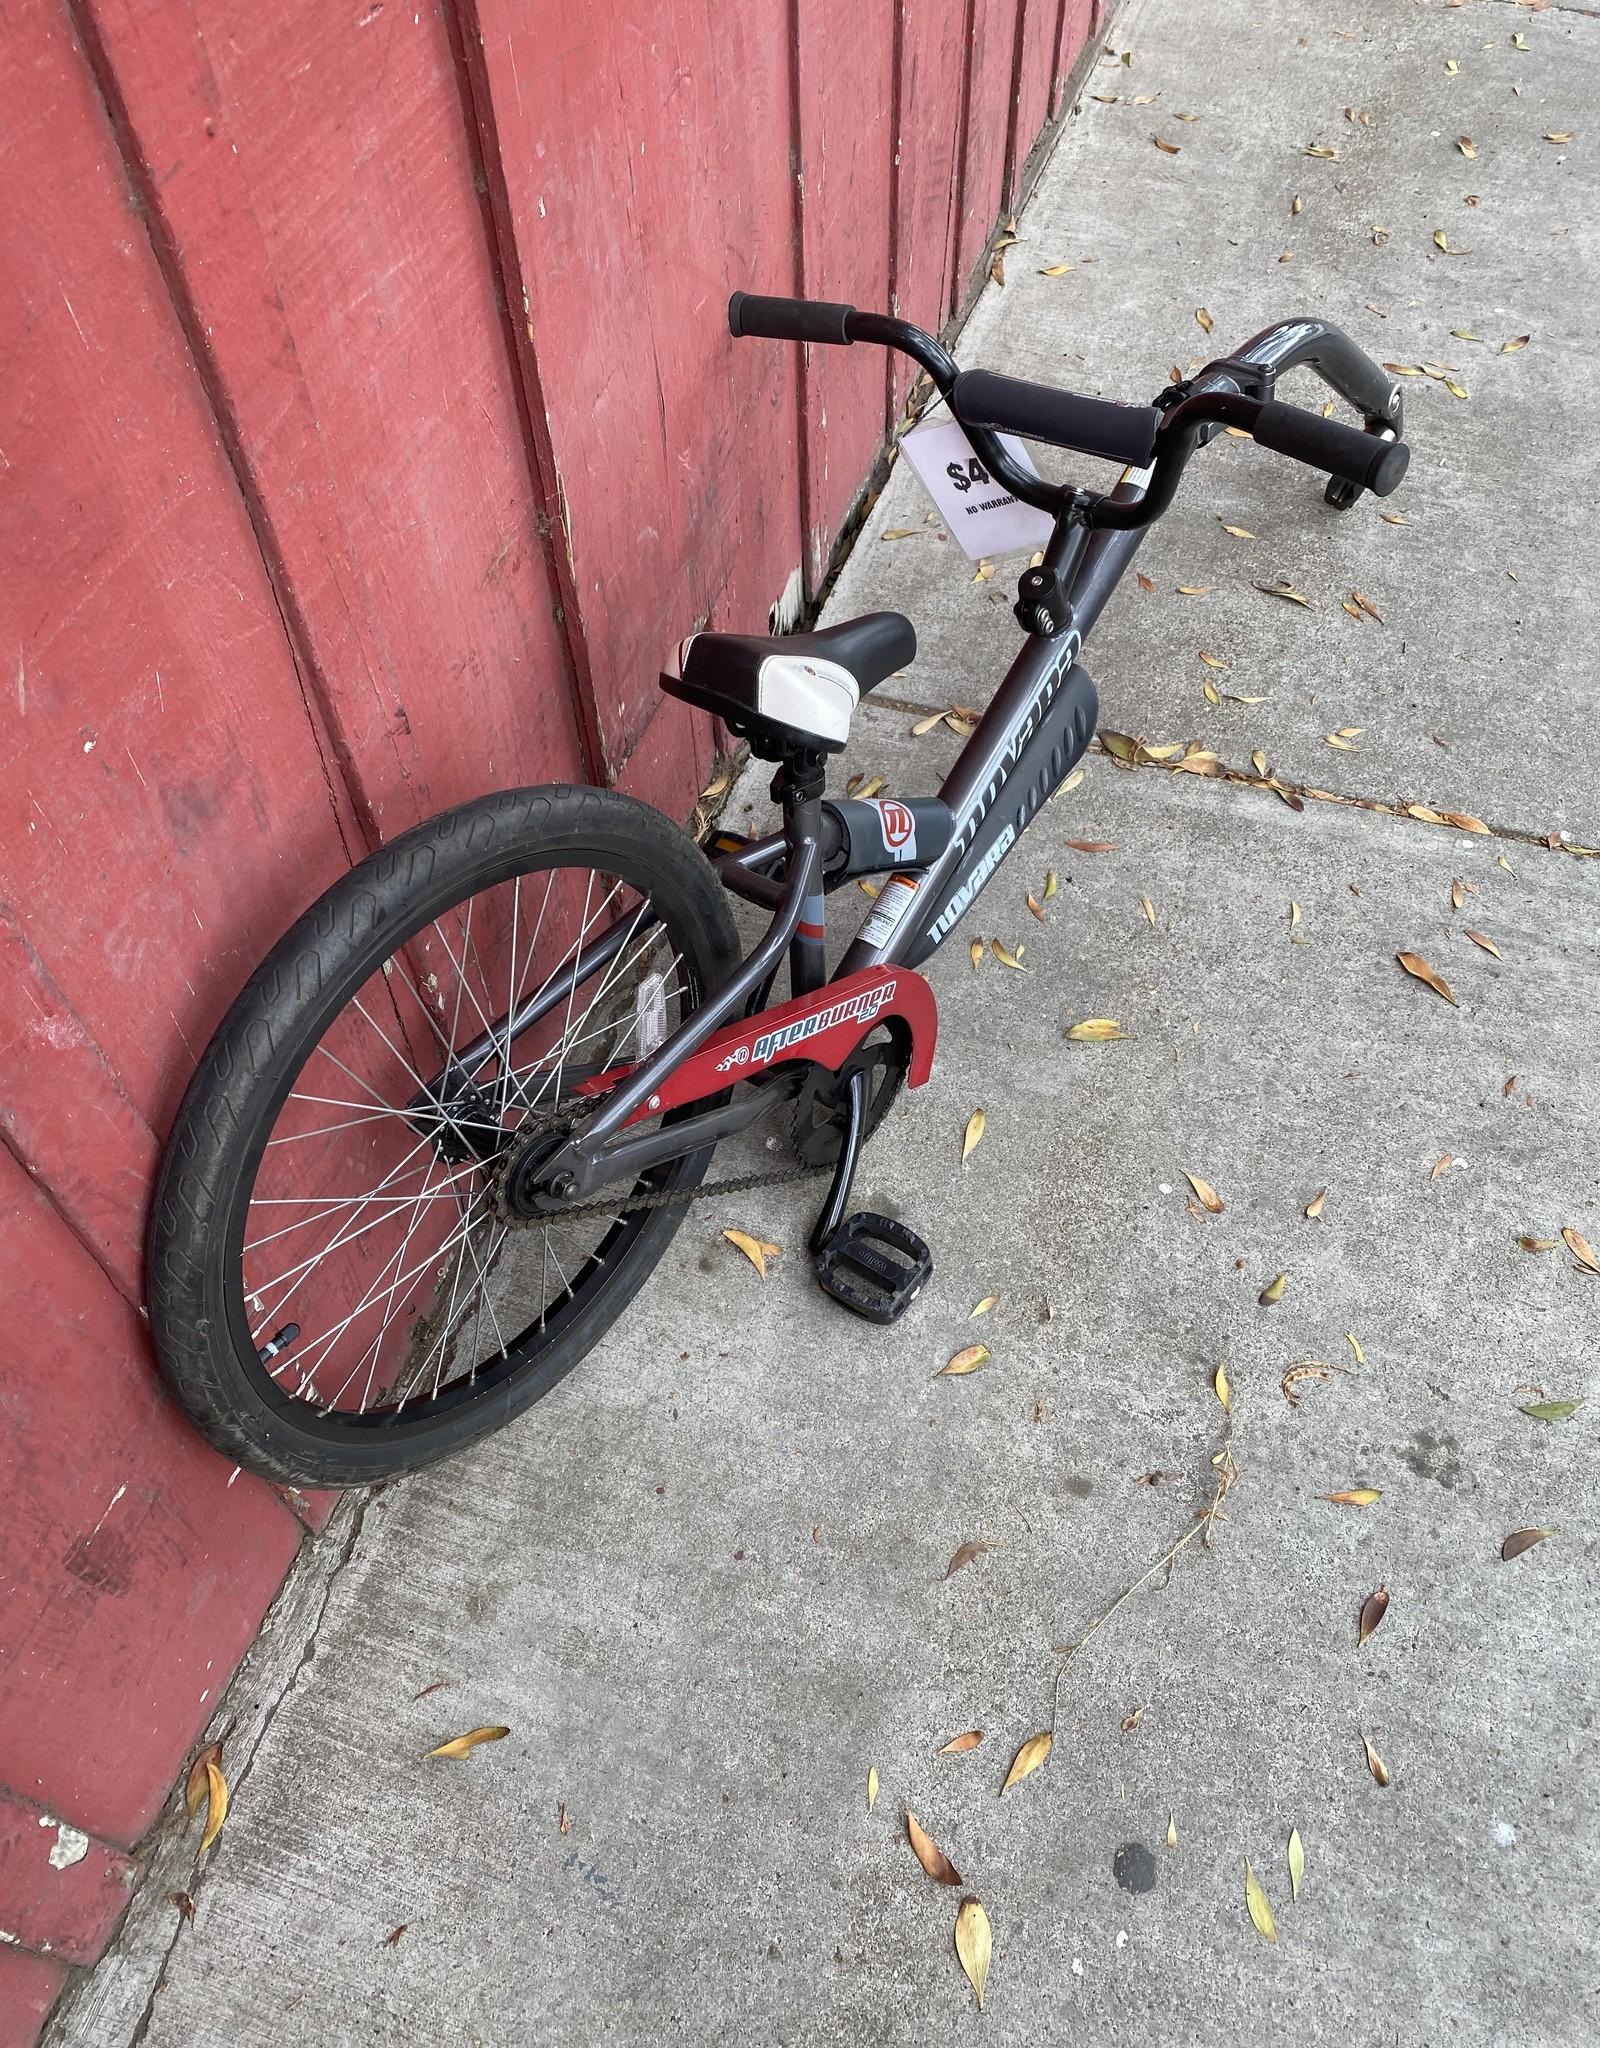 Novara Afterburner 2.0 Trail-A-Bike